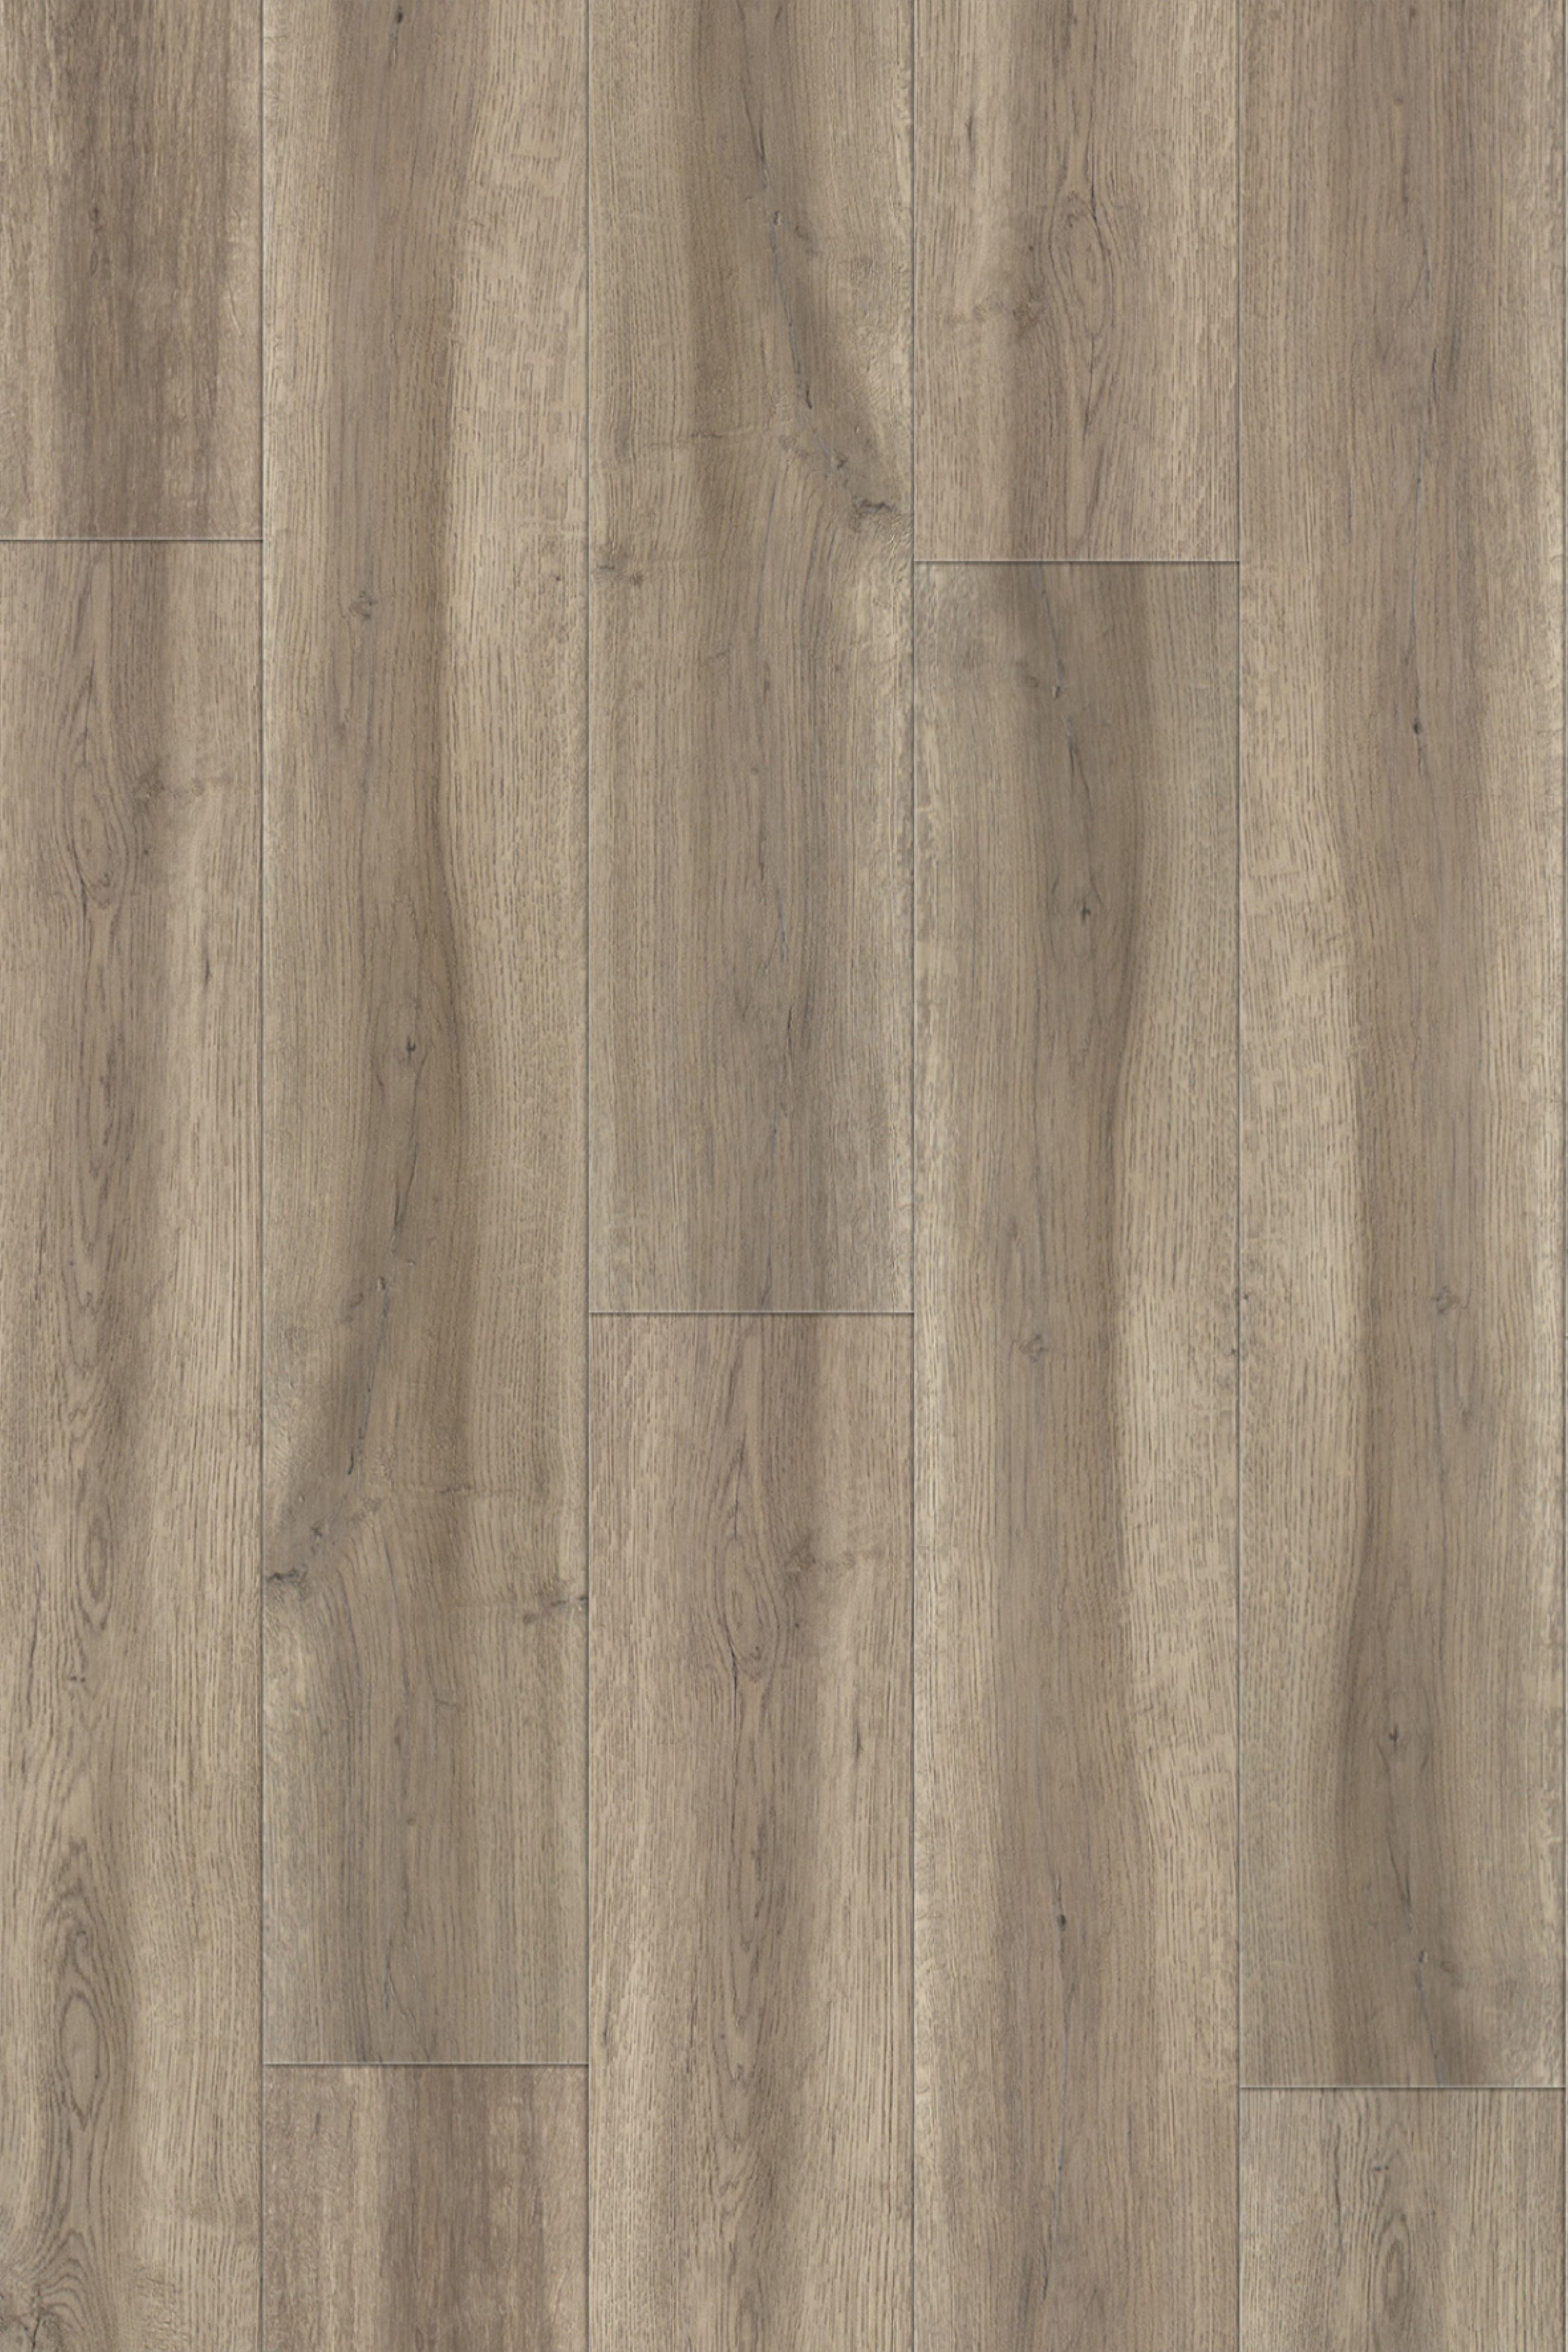 Pinnacle Peak In 2020 Hardwood Flooring Laminate Flooring